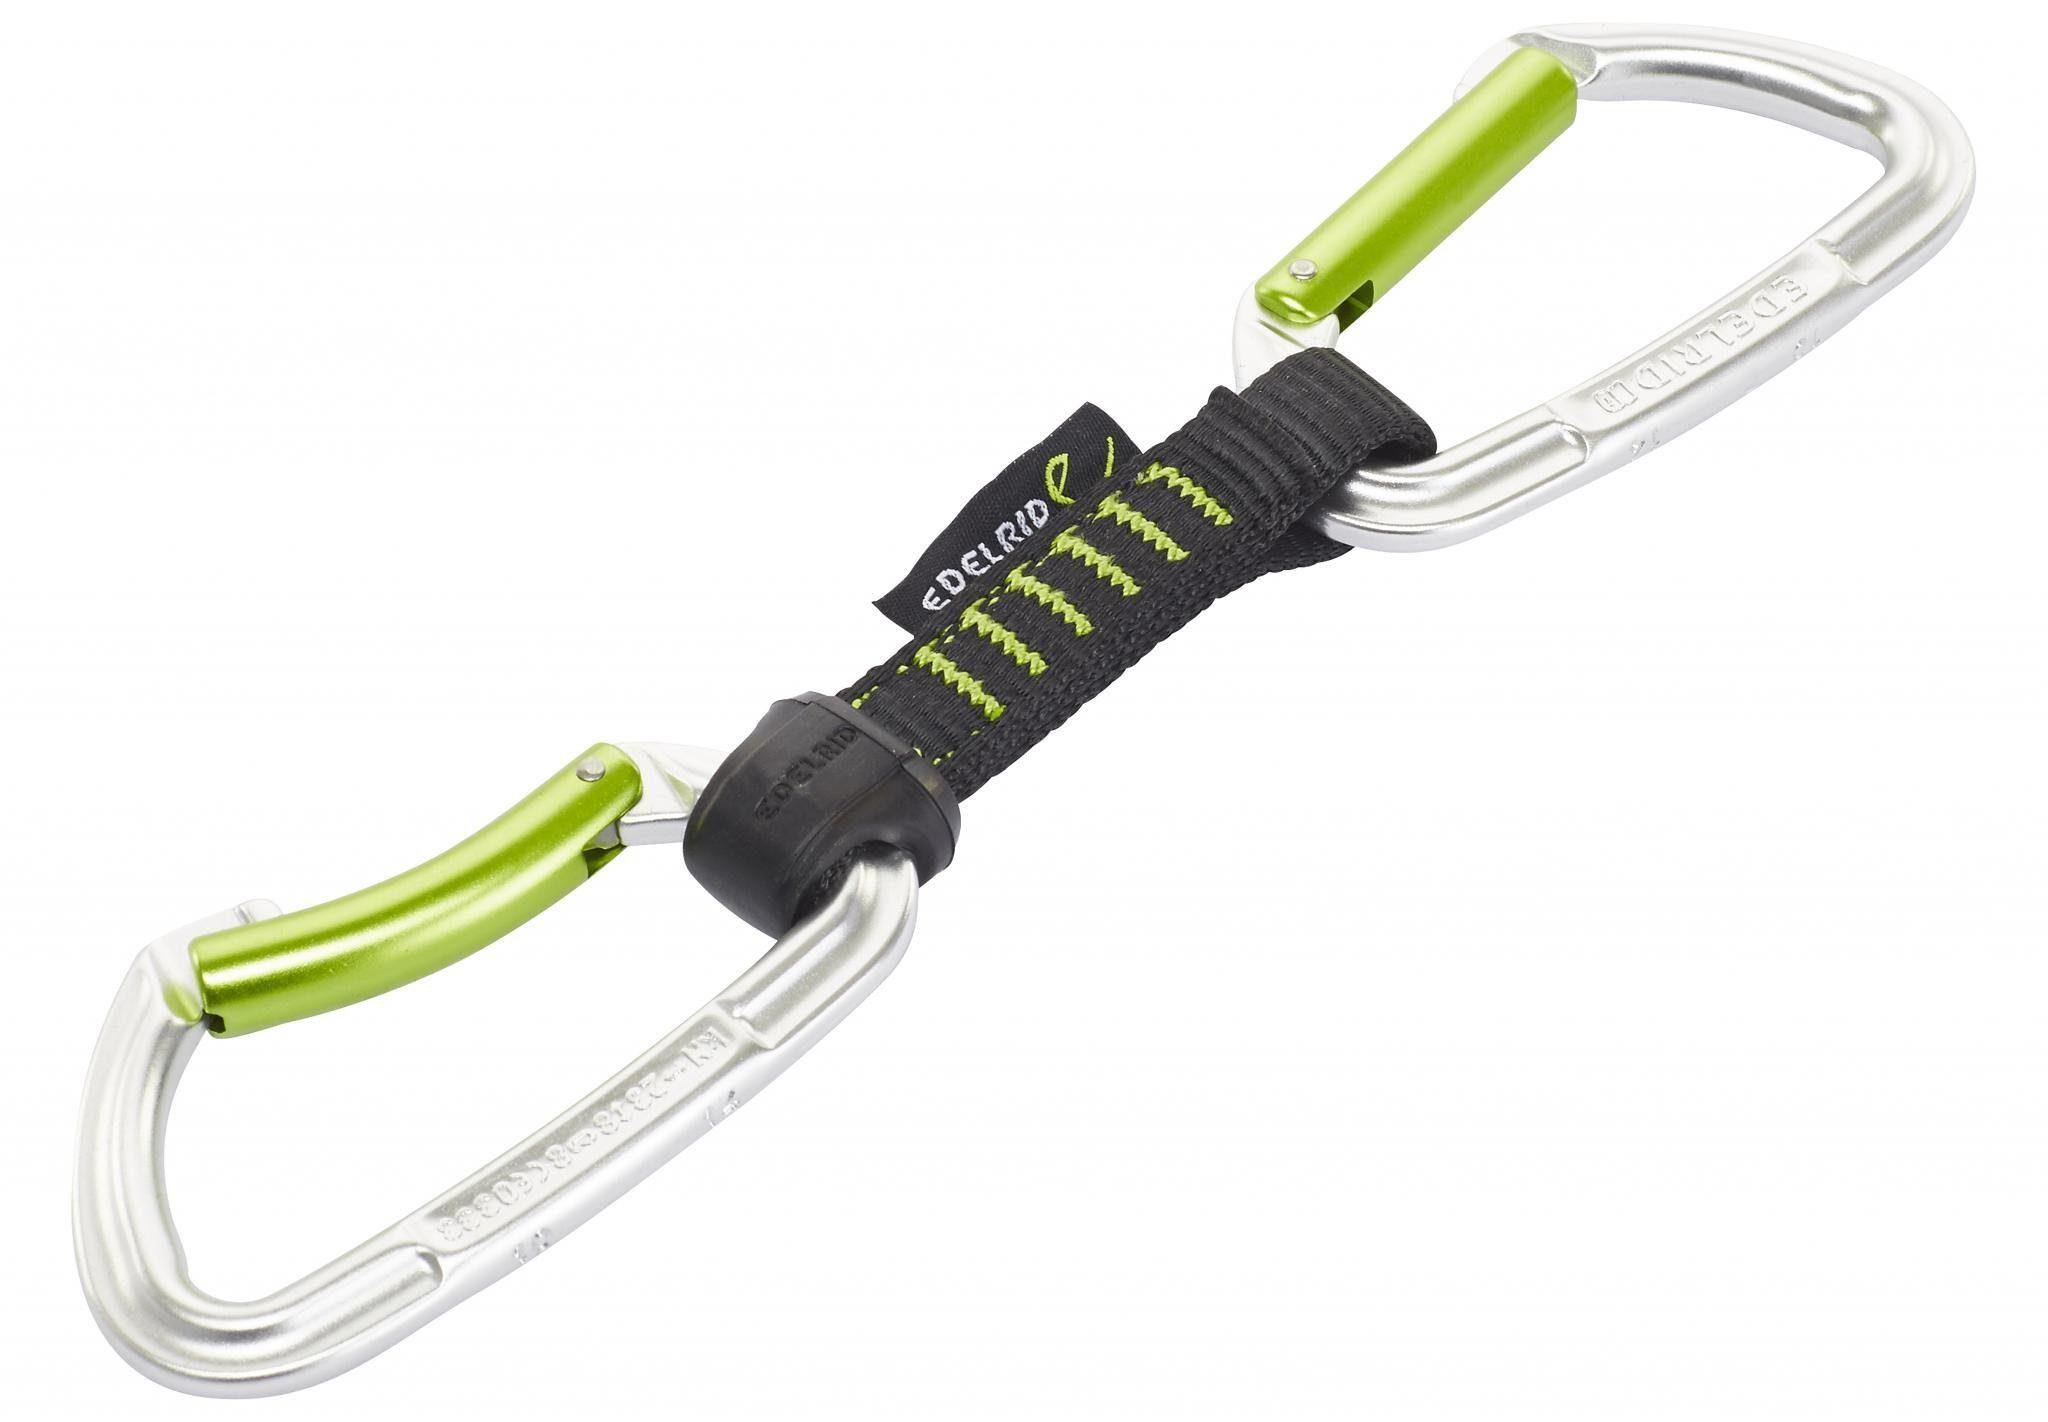 Edelrid Klettergurt Gambit : Edelrid kletterausrüstung online kaufen otto